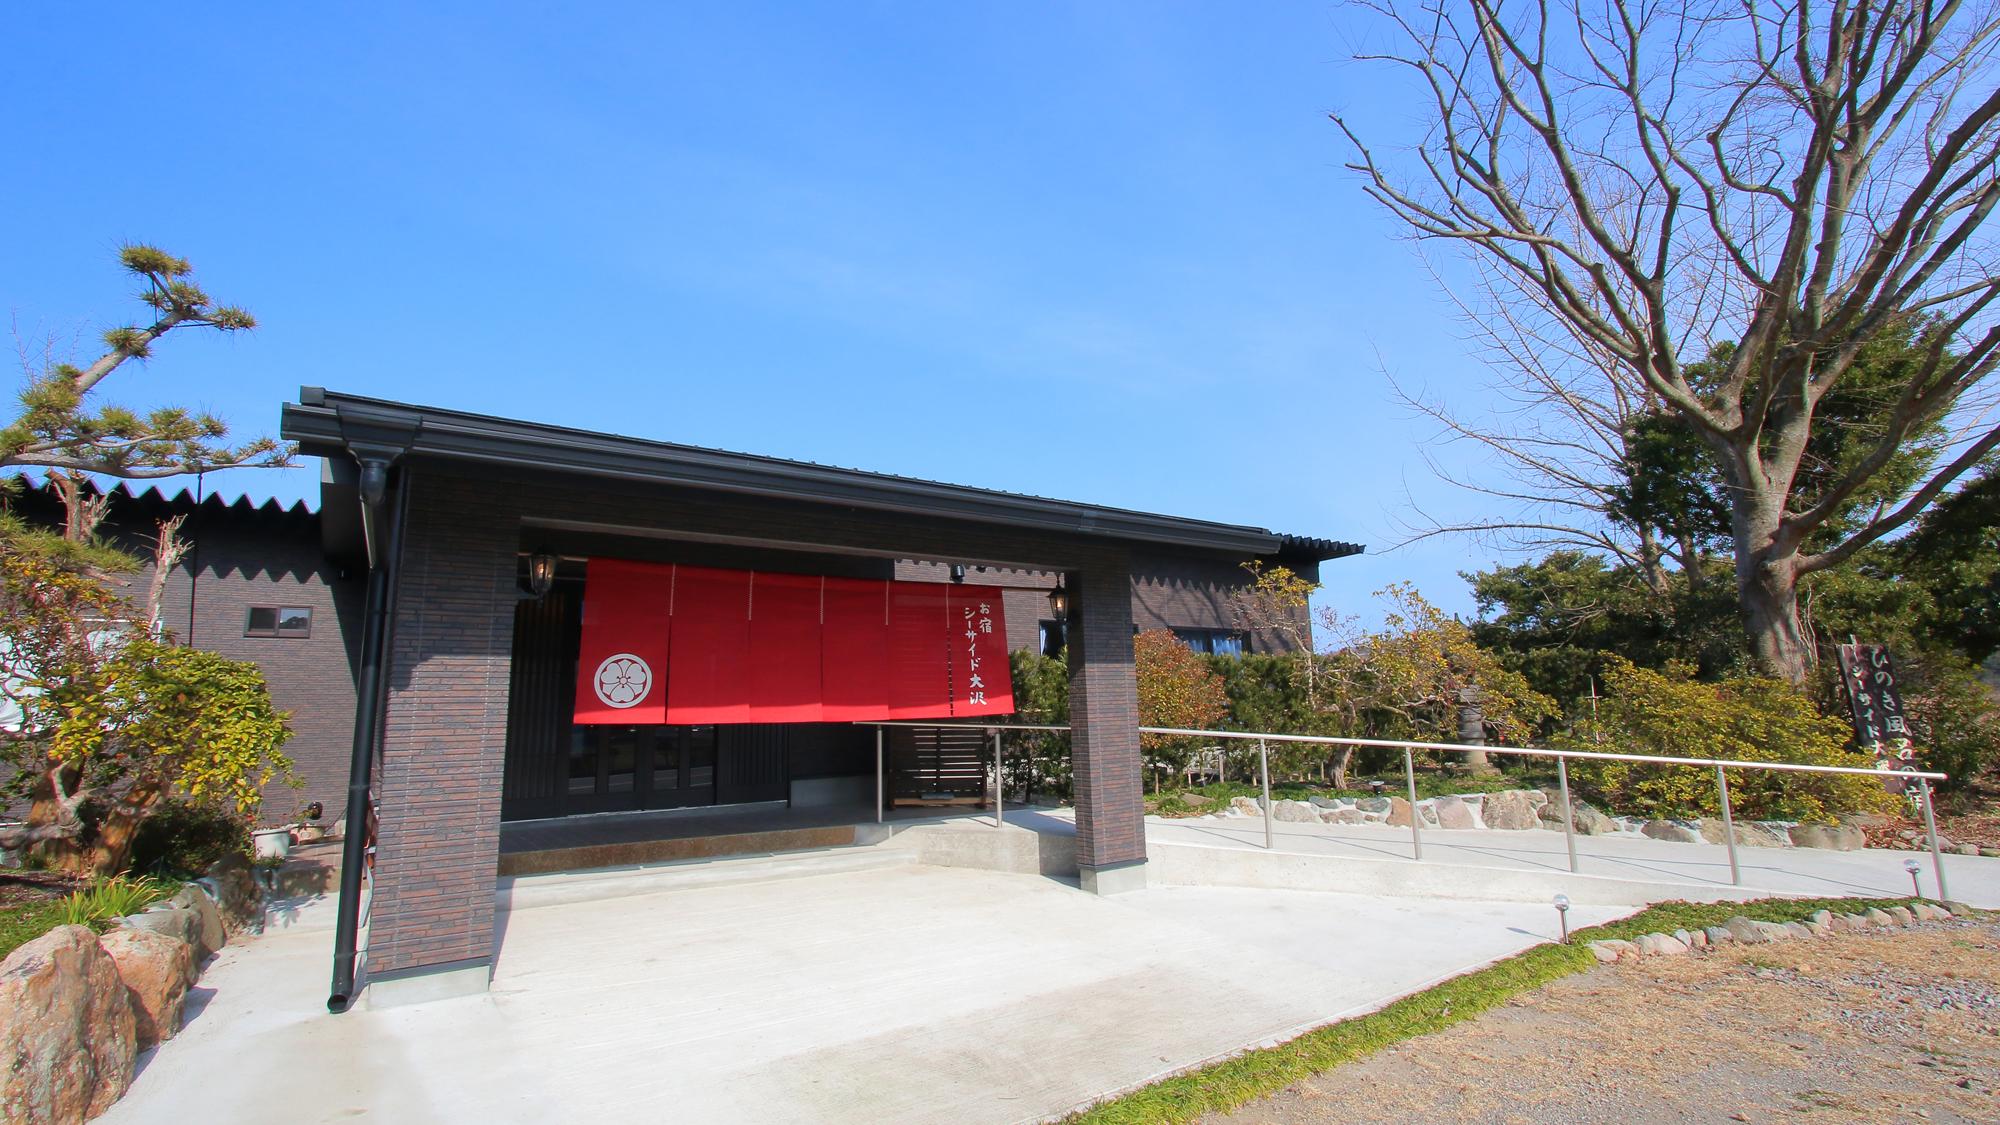 ひのき風呂の民宿 シーサイド大沢